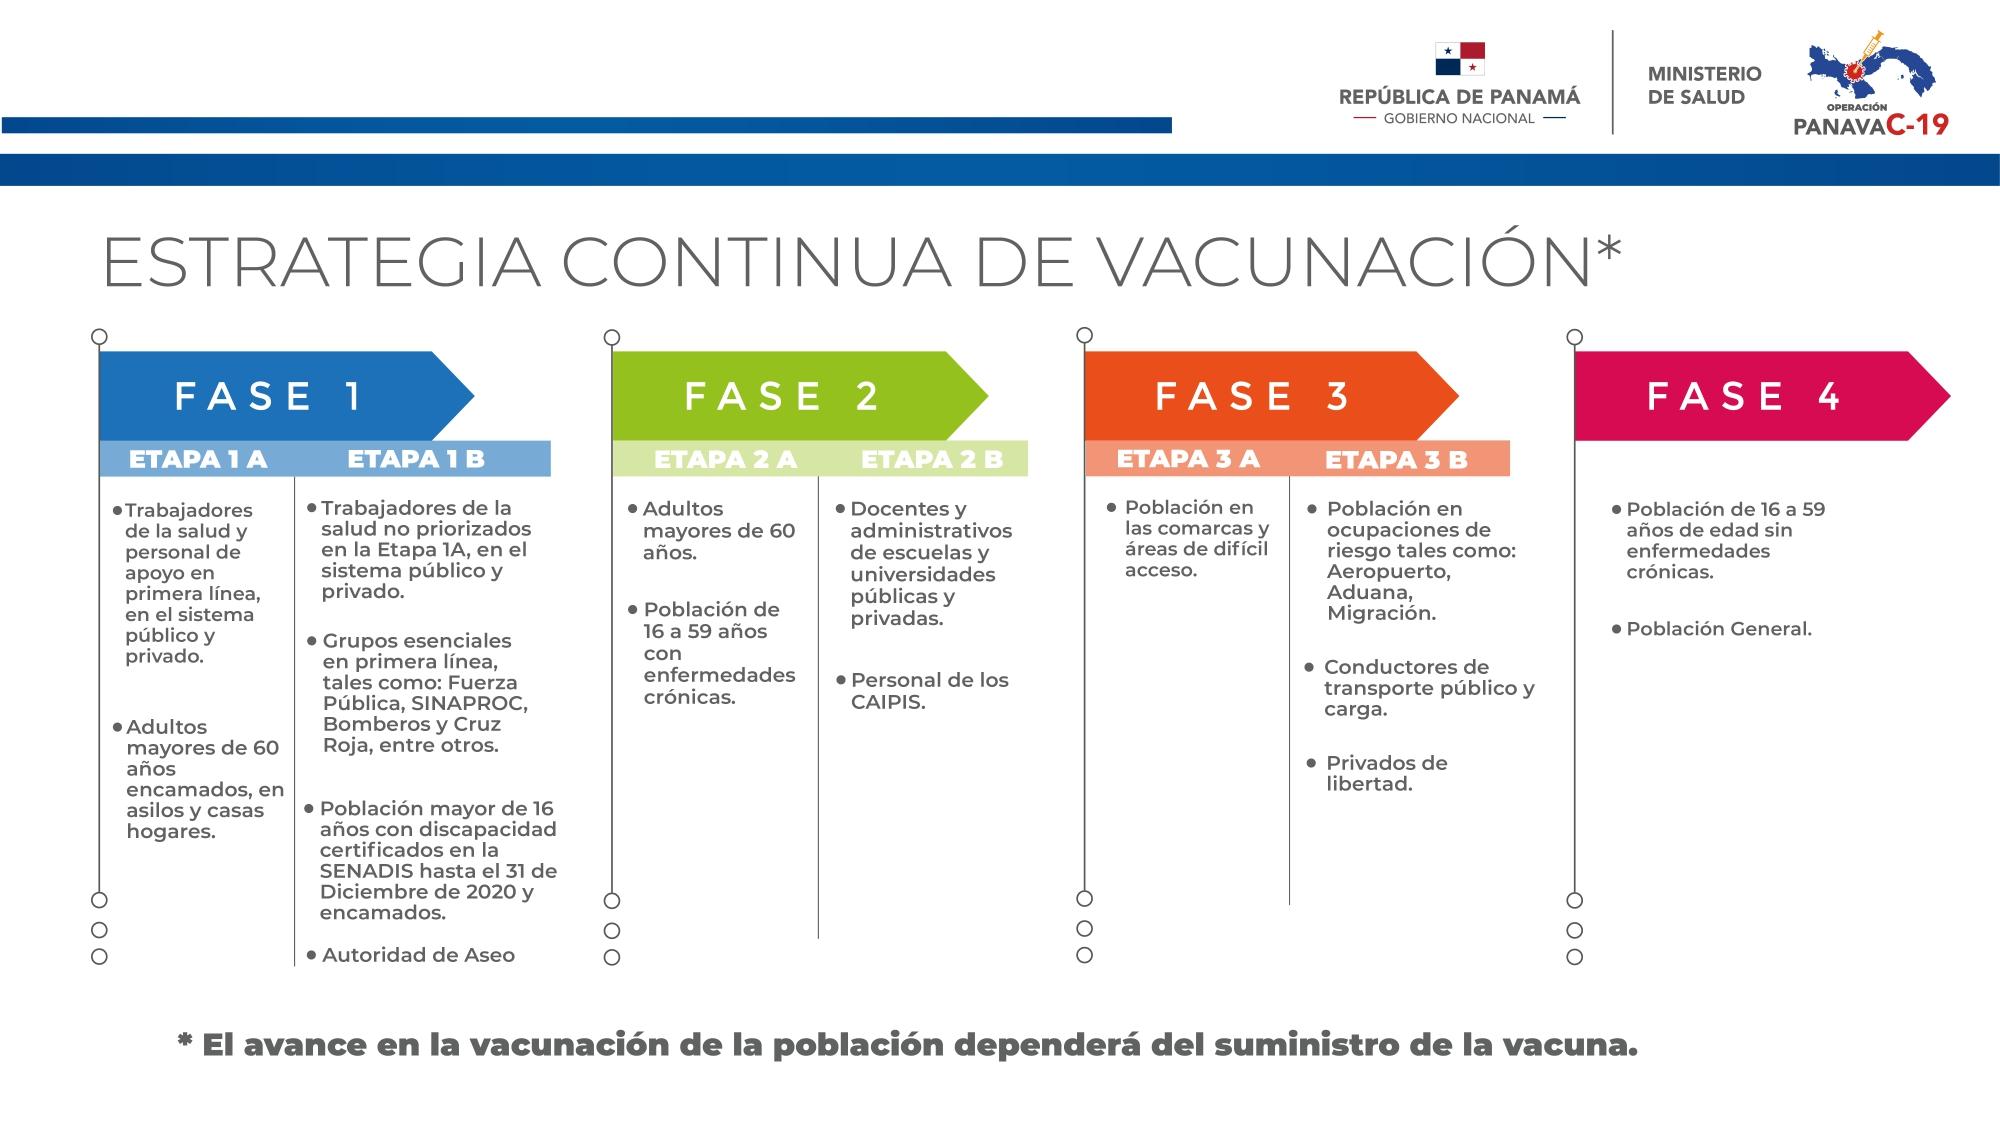 PLAN NACIONAL DE VACUNACIÓN _ 12 Enero_page-0002